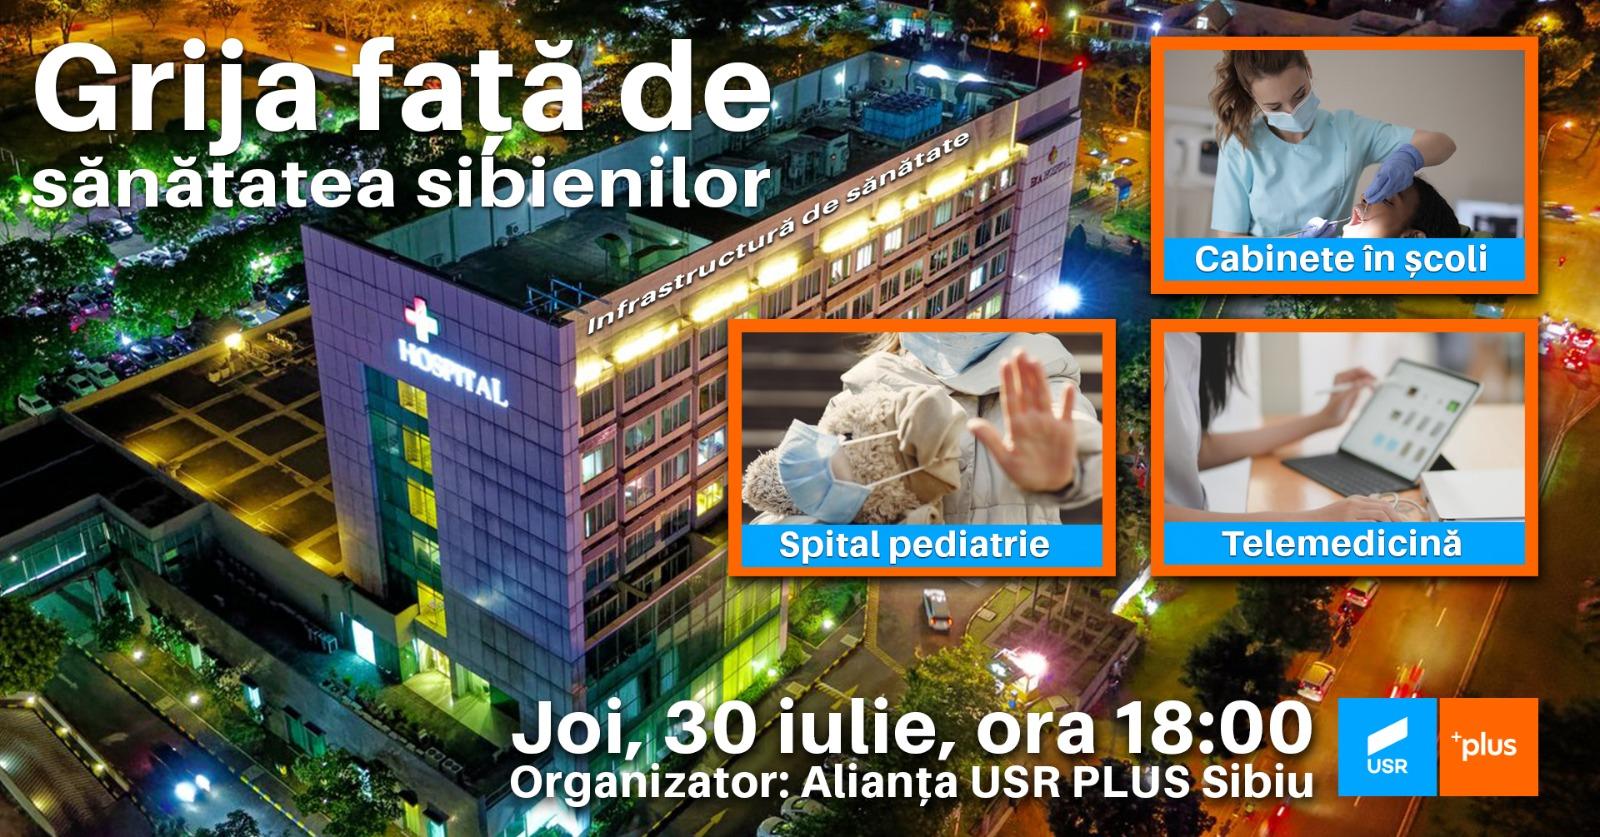 Alianța USR PLUS Sibiu a dezbătut online cu specialiști prioritățile pentru sănătate și infrastructura serviciilor de sănătate